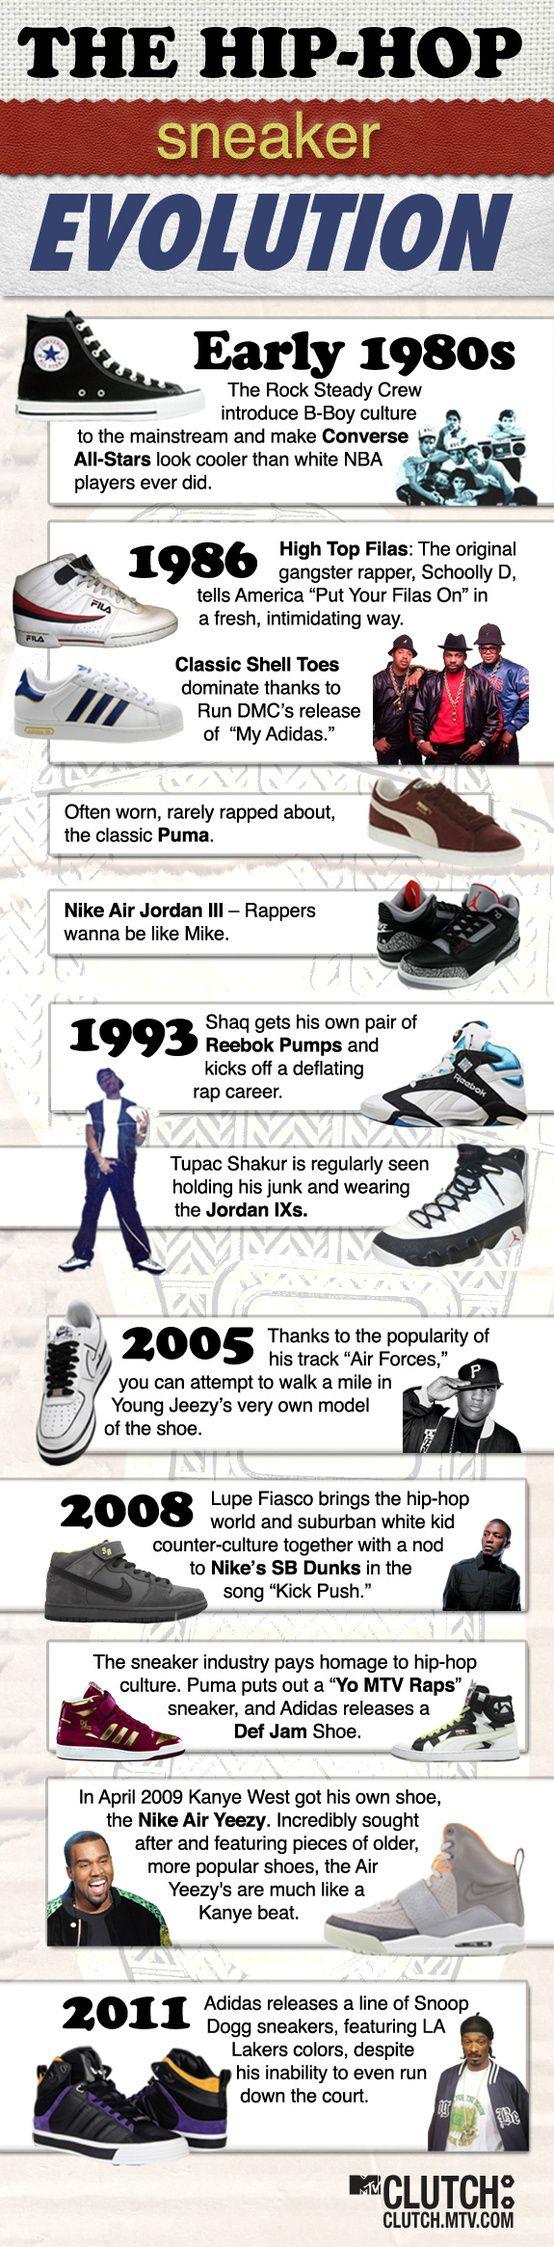 evolution de la sneakers avec le culture hip-hop